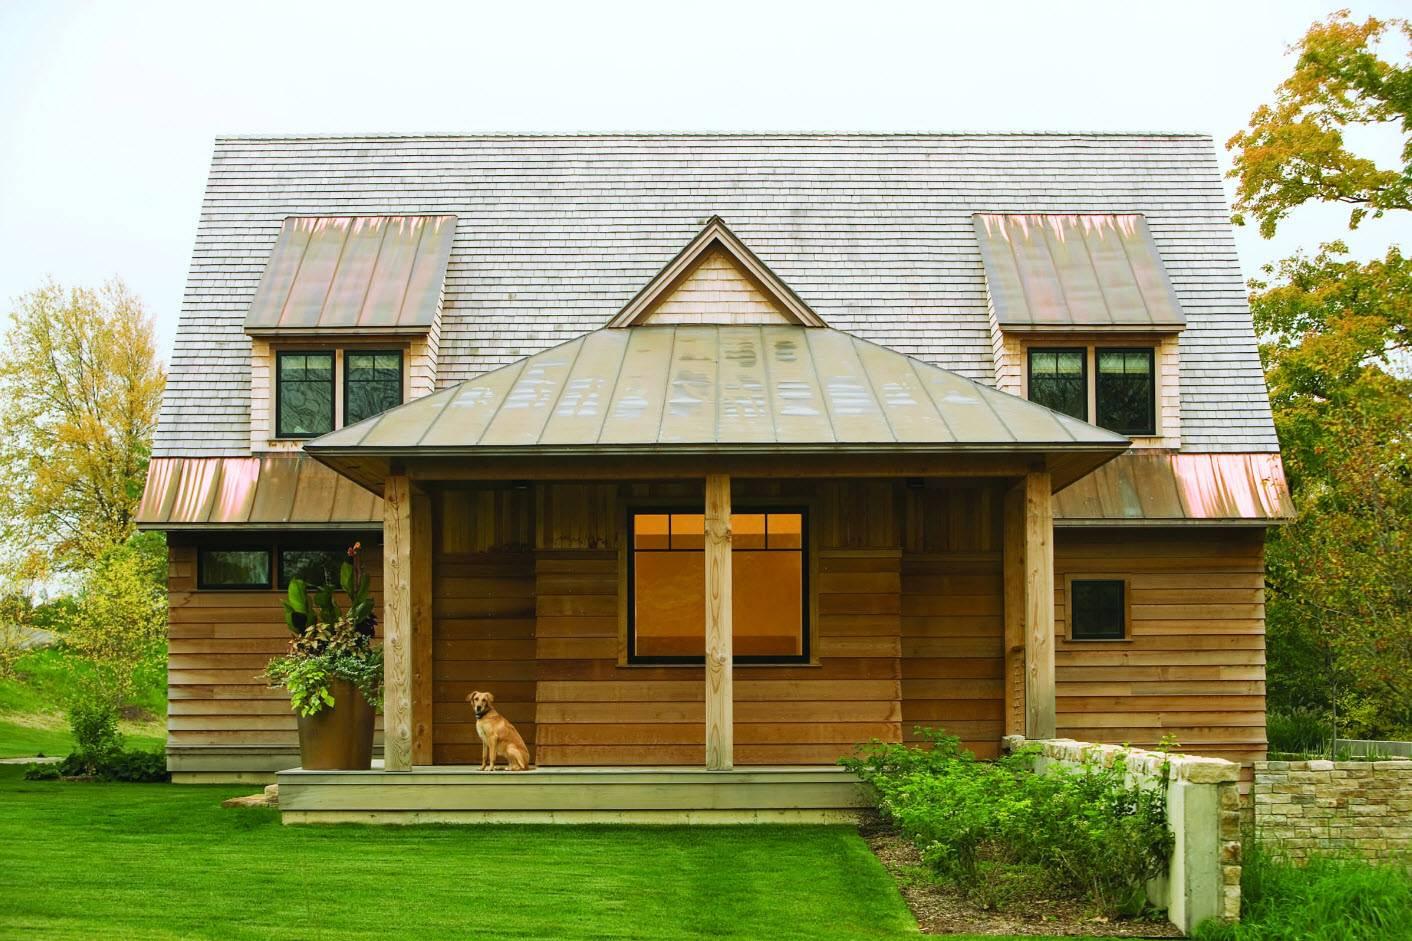 Красивые крыши частных домов: односкатные, двухскатные и другие виды, дизайн, видео и фото